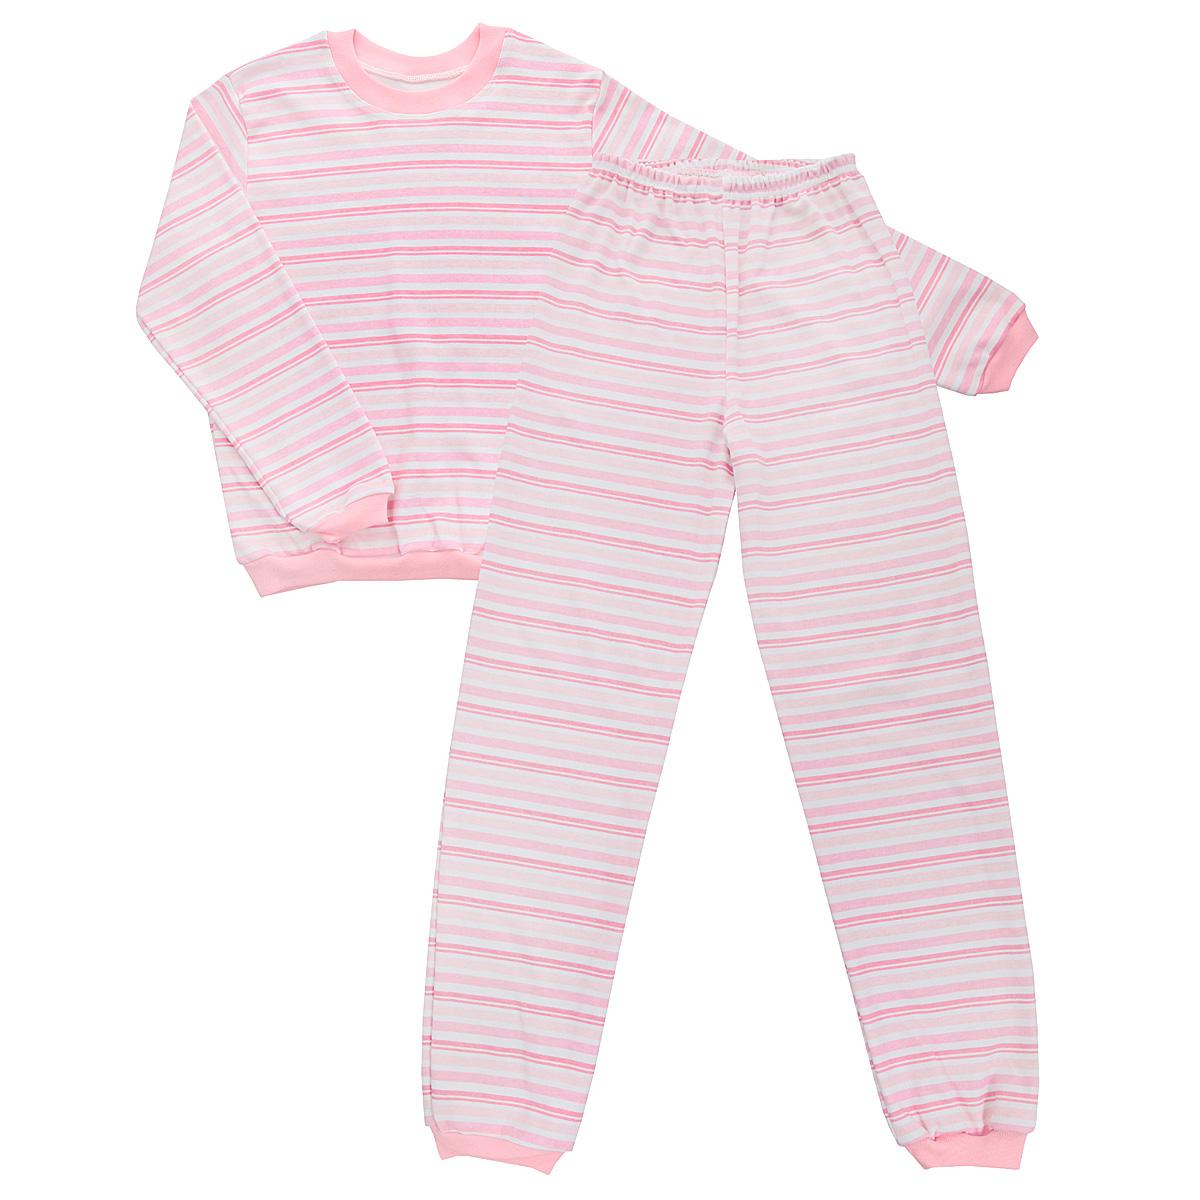 Пижама детская Трон-плюс, цвет: розовый, белый. 5555_полоска. Размер 80/86, 1-2 года5555_полоскаУютная детская пижама Трон-плюс, состоящая из джемпера и брюк, идеально подойдет вашему ребенку и станет отличным дополнением к детскому гардеробу. Изготовленная из интерлока, она необычайно мягкая и легкая, не сковывает движения, позволяет коже дышать и не раздражает даже самую нежную и чувствительную кожу ребенка. Трикотажный джемпер с длинными рукавами имеет круглый вырез горловины. Низ изделия, рукава и вырез горловины дополнены эластичной трикотажной резинкой контрастного цвета.Брюки на талии имеют эластичную резинку, благодаря чему не сдавливают живот ребенка и не сползают. Низ брючин дополнен широкими эластичными манжетами контрастного цвета.Оформлено изделие принтом в полоску. В такой пижаме ваш ребенок будет чувствовать себя комфортно и уютно во время сна.